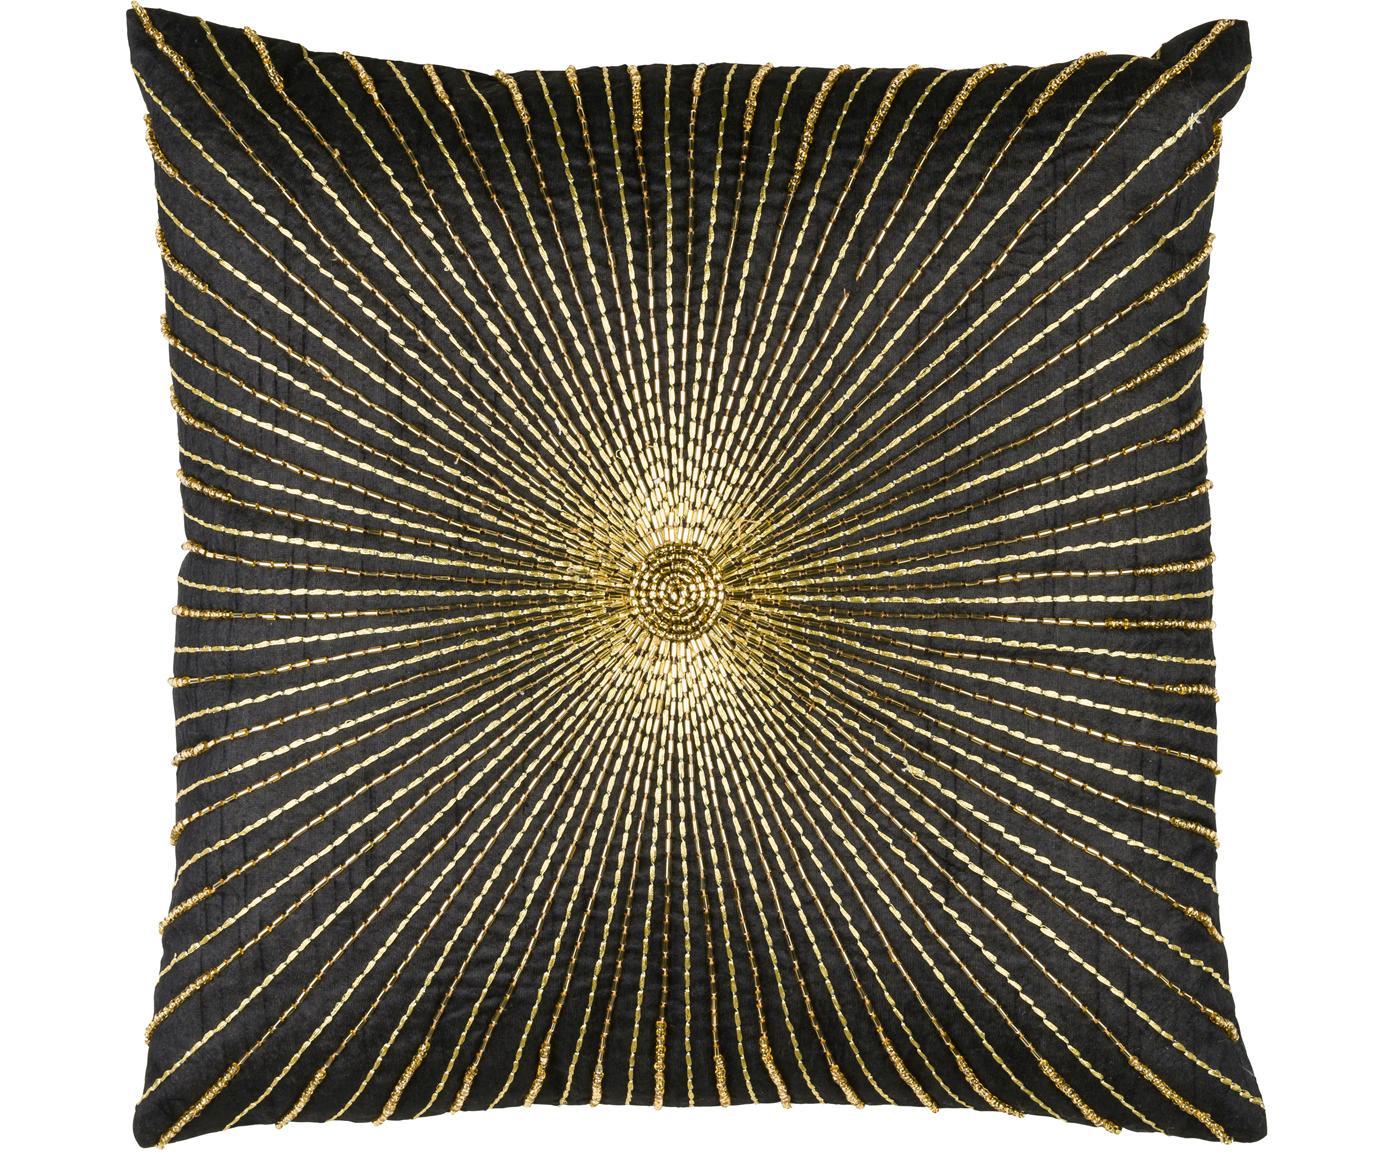 Funda de cojín bordada Sunray, Poliéster, Negro, dorado, An 40 x L 40 cm